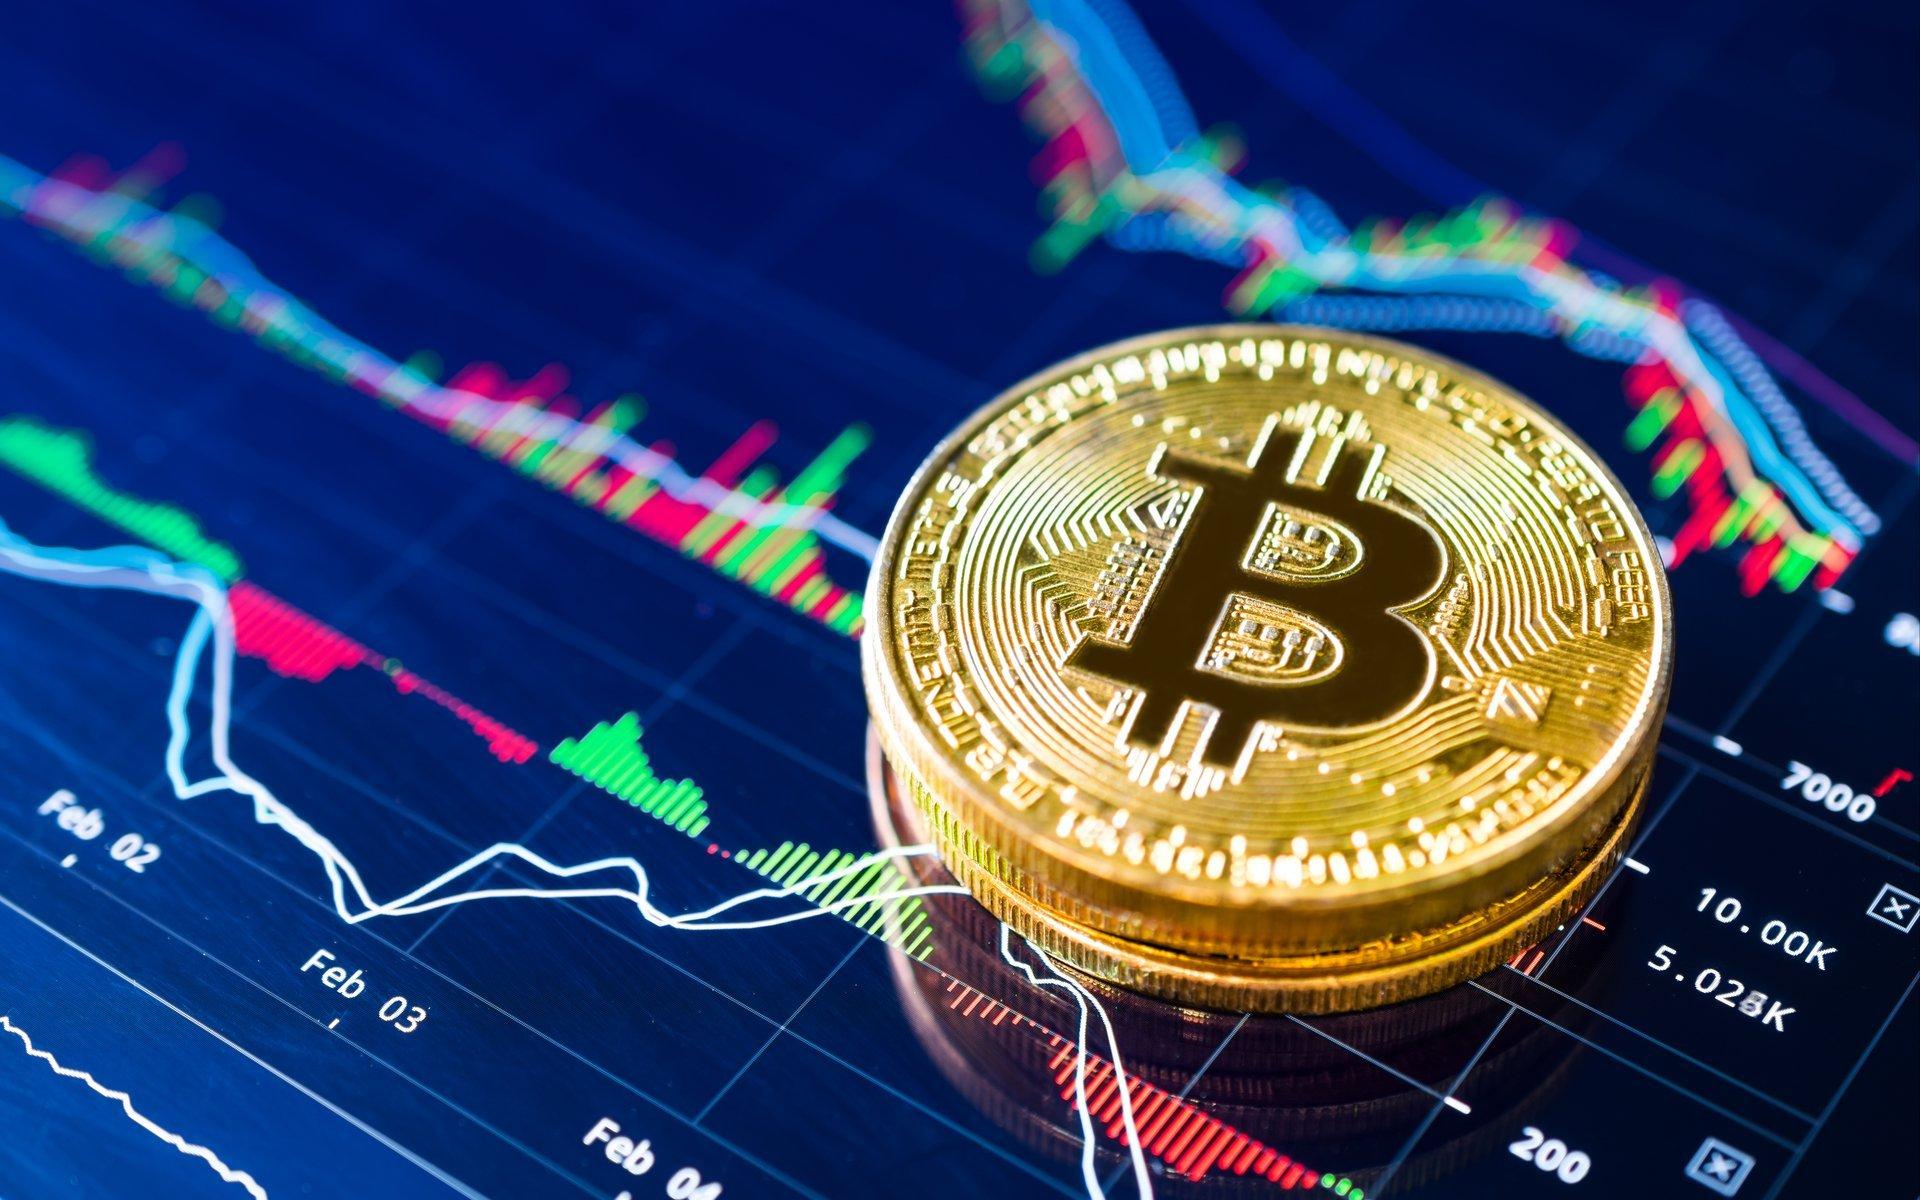 Bitcoin despenca e acompanha bolsas internacionais